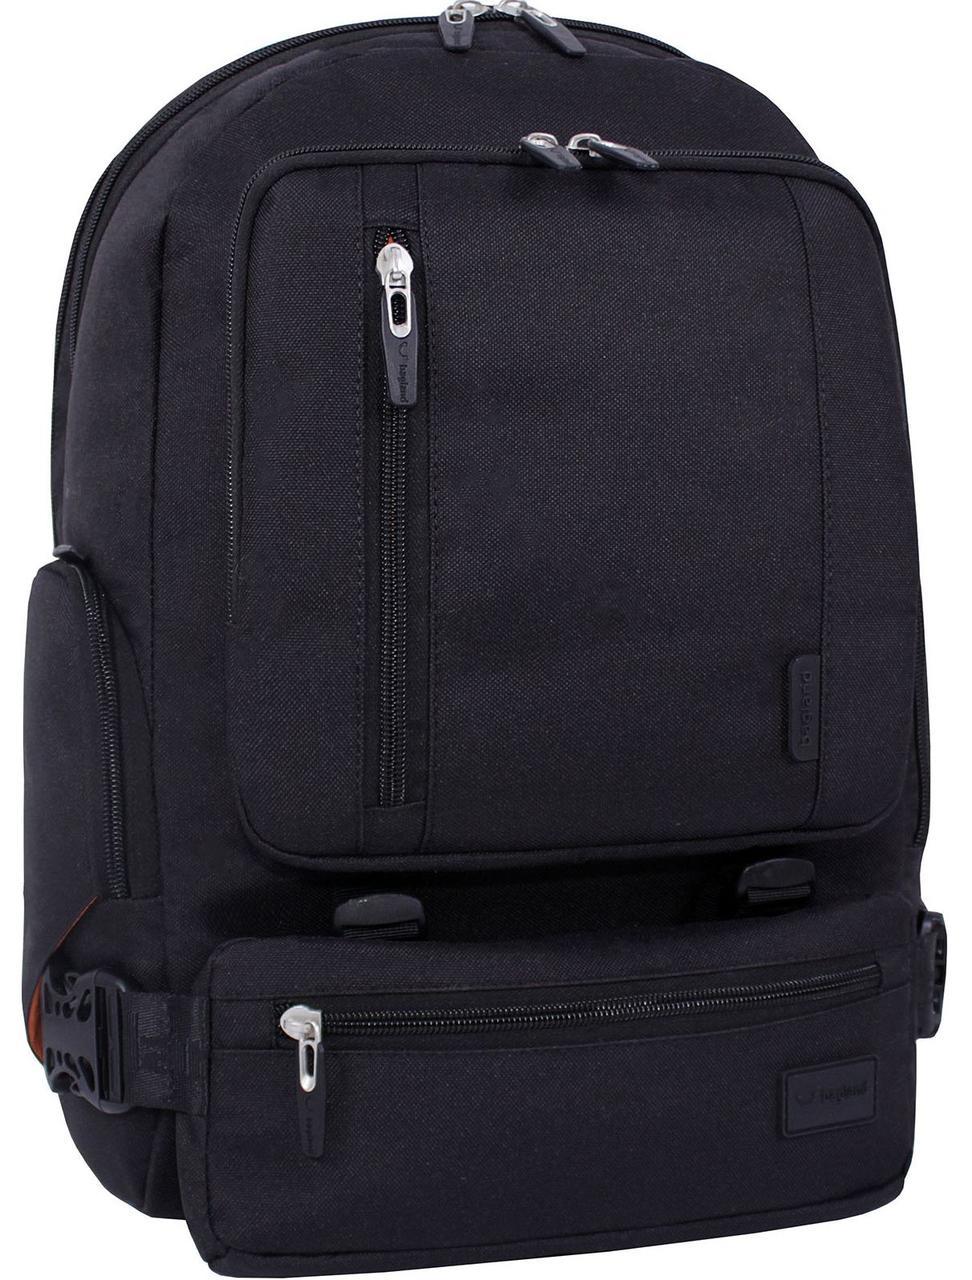 Рюкзак для ноутбука Bagland Frank черный 0059566 до 17 д-в